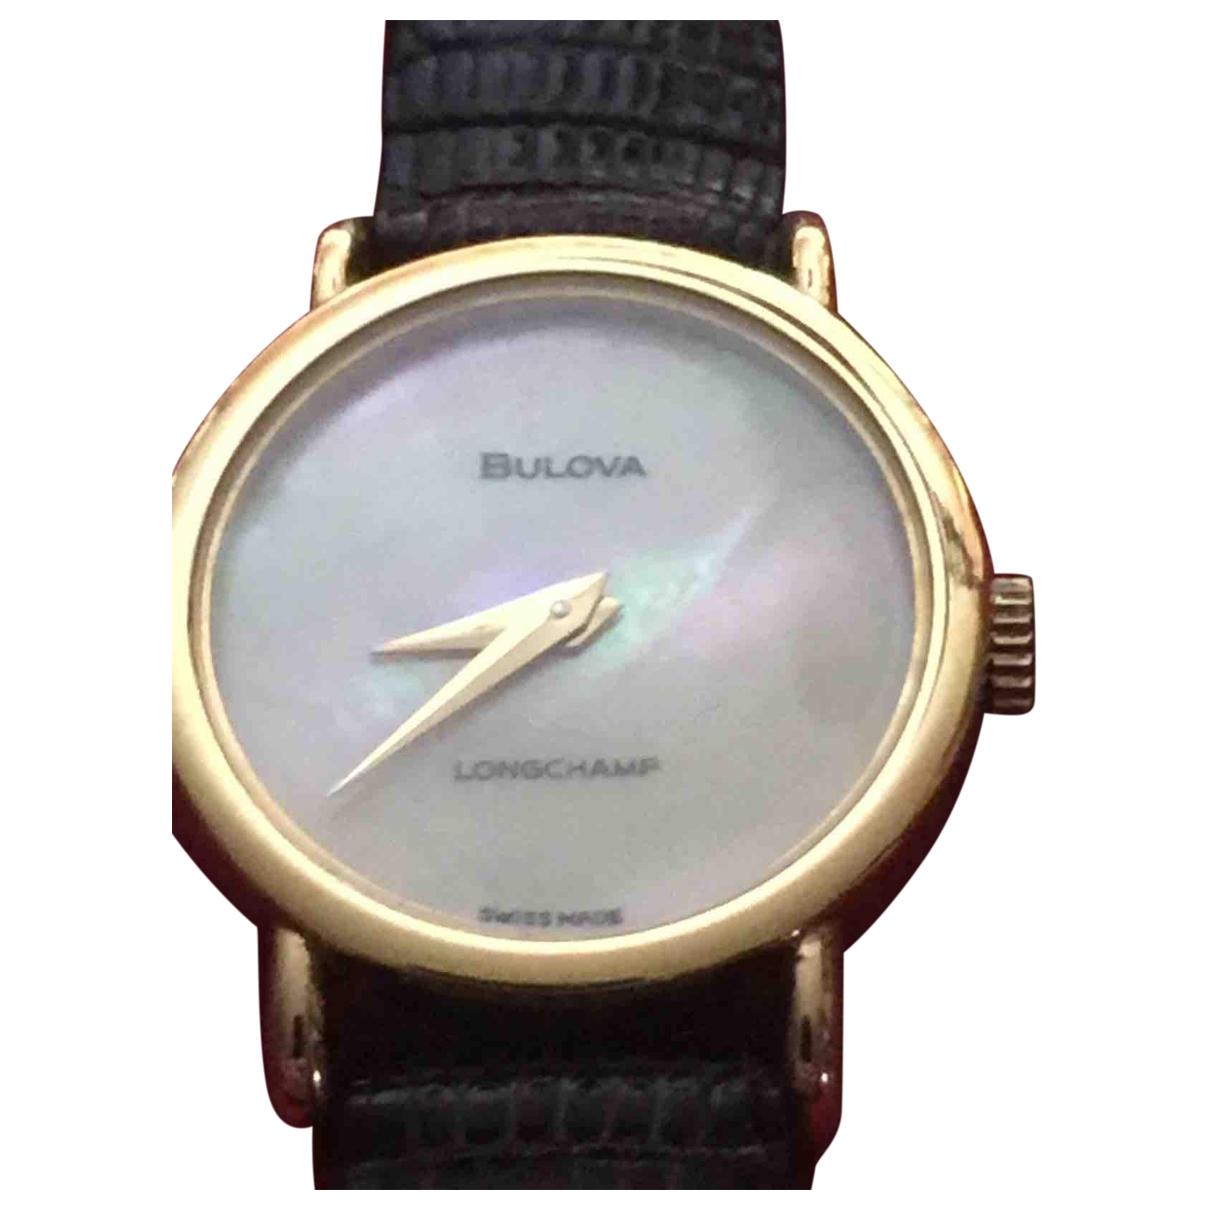 Bulova \N Uhr in Stahl